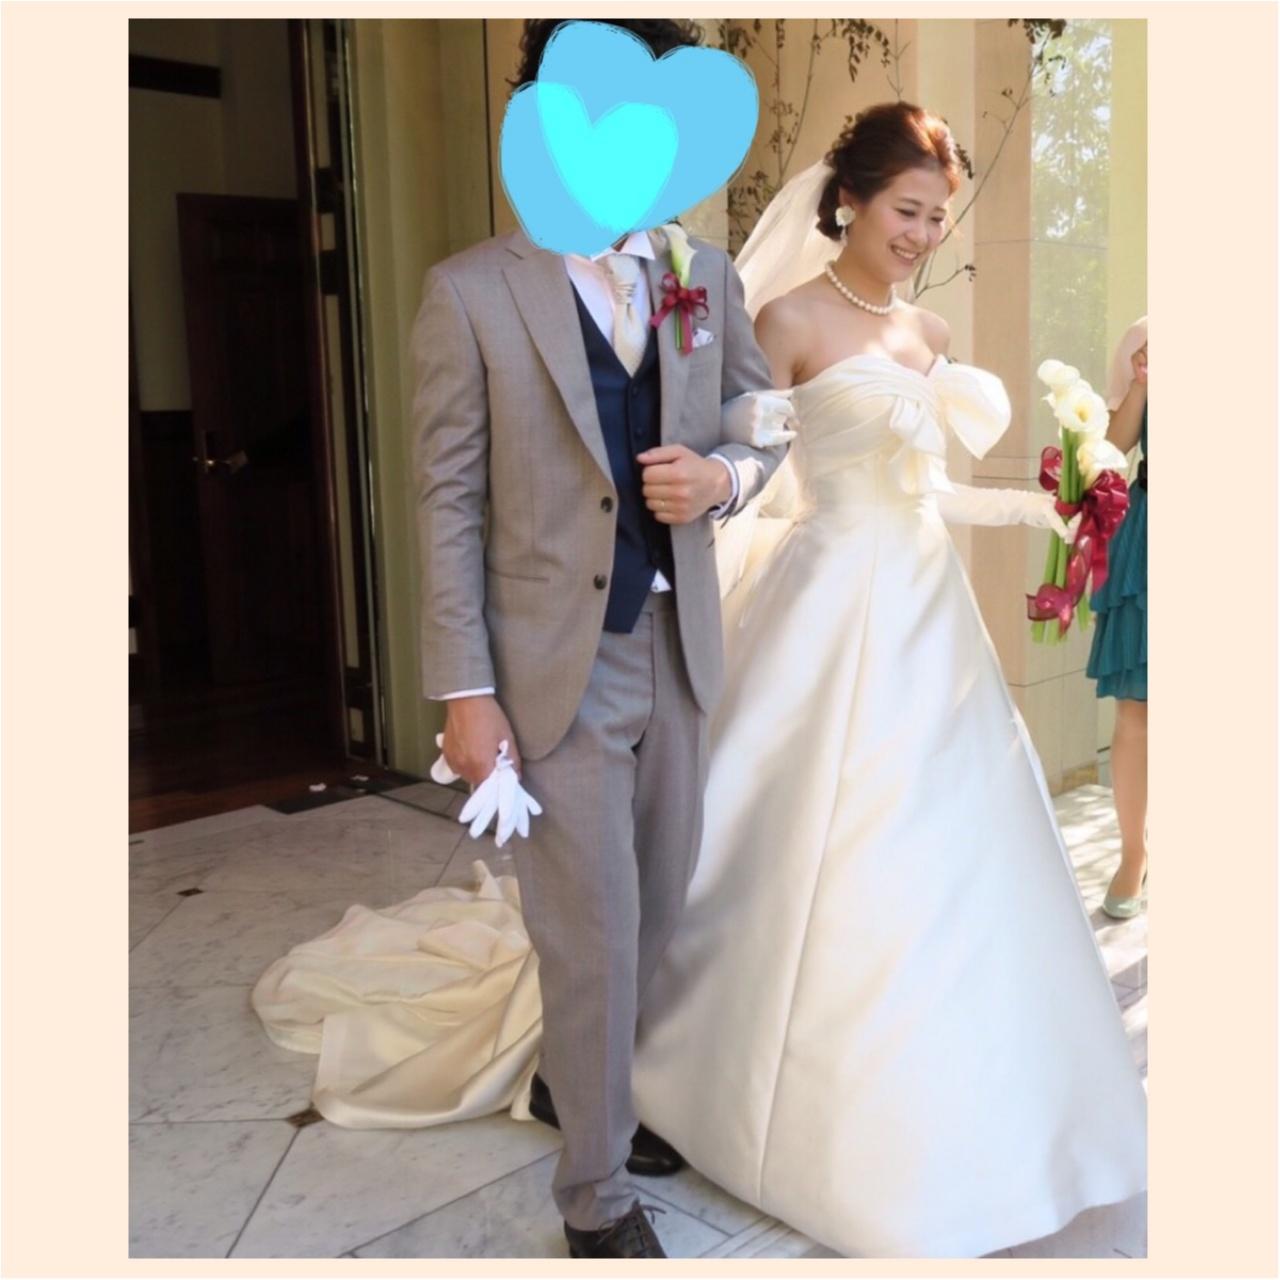 【ゆい婚】大好きなみんなに囲まれて過ごした最高の結婚式♡~今年の思い出を振り返り~_1